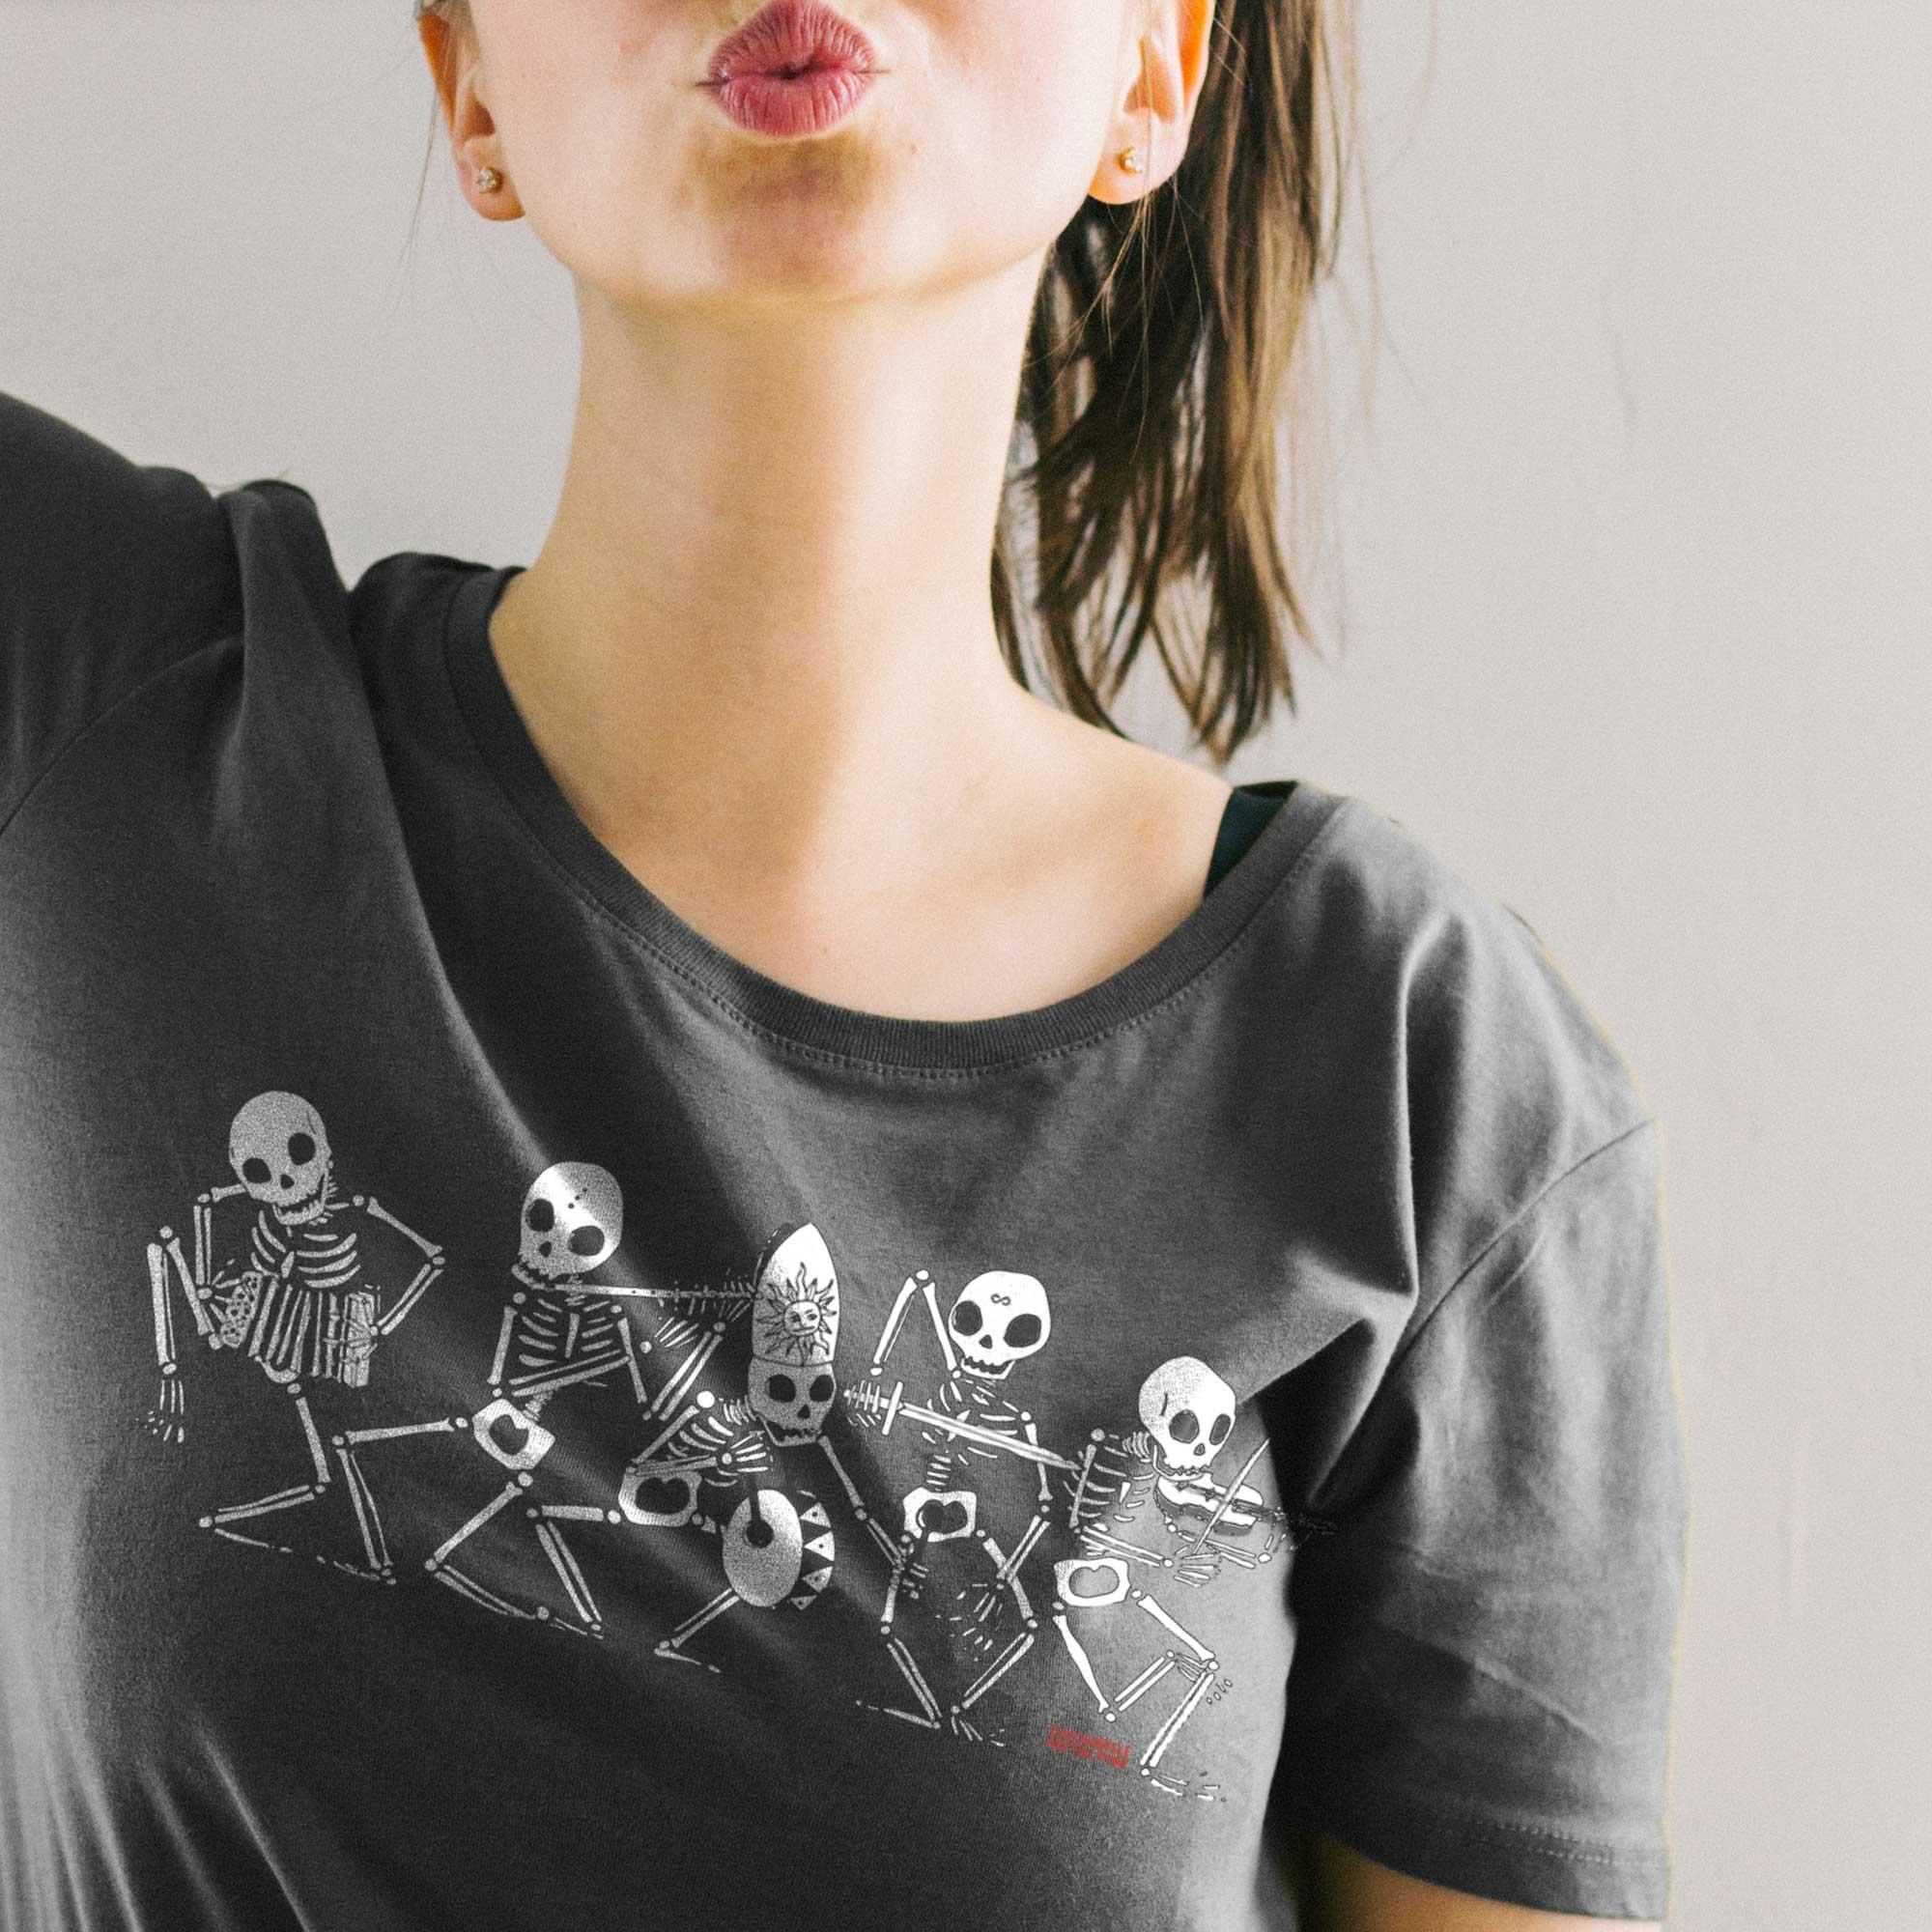 Danza Macabra Tshirt da Donna by Diego Gabriele